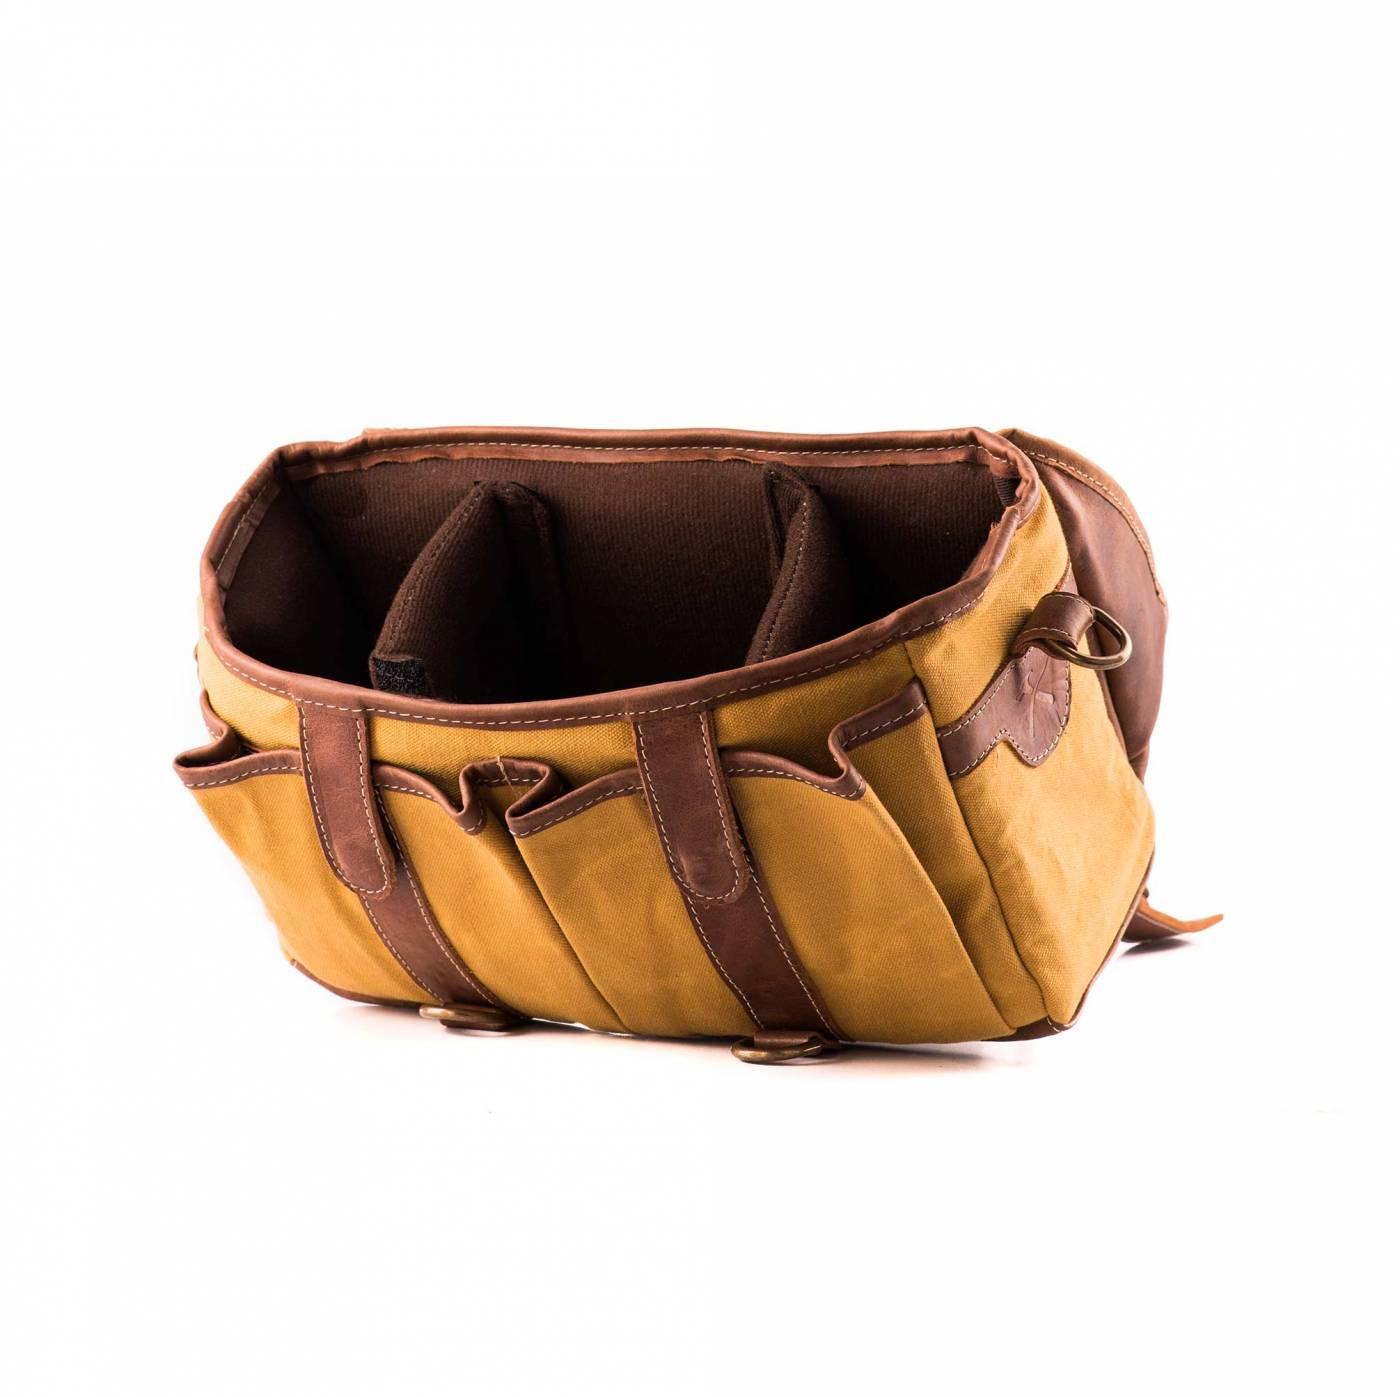 Bolsa Penny Material e cor: Couro Café Rústico / Lona Amarela